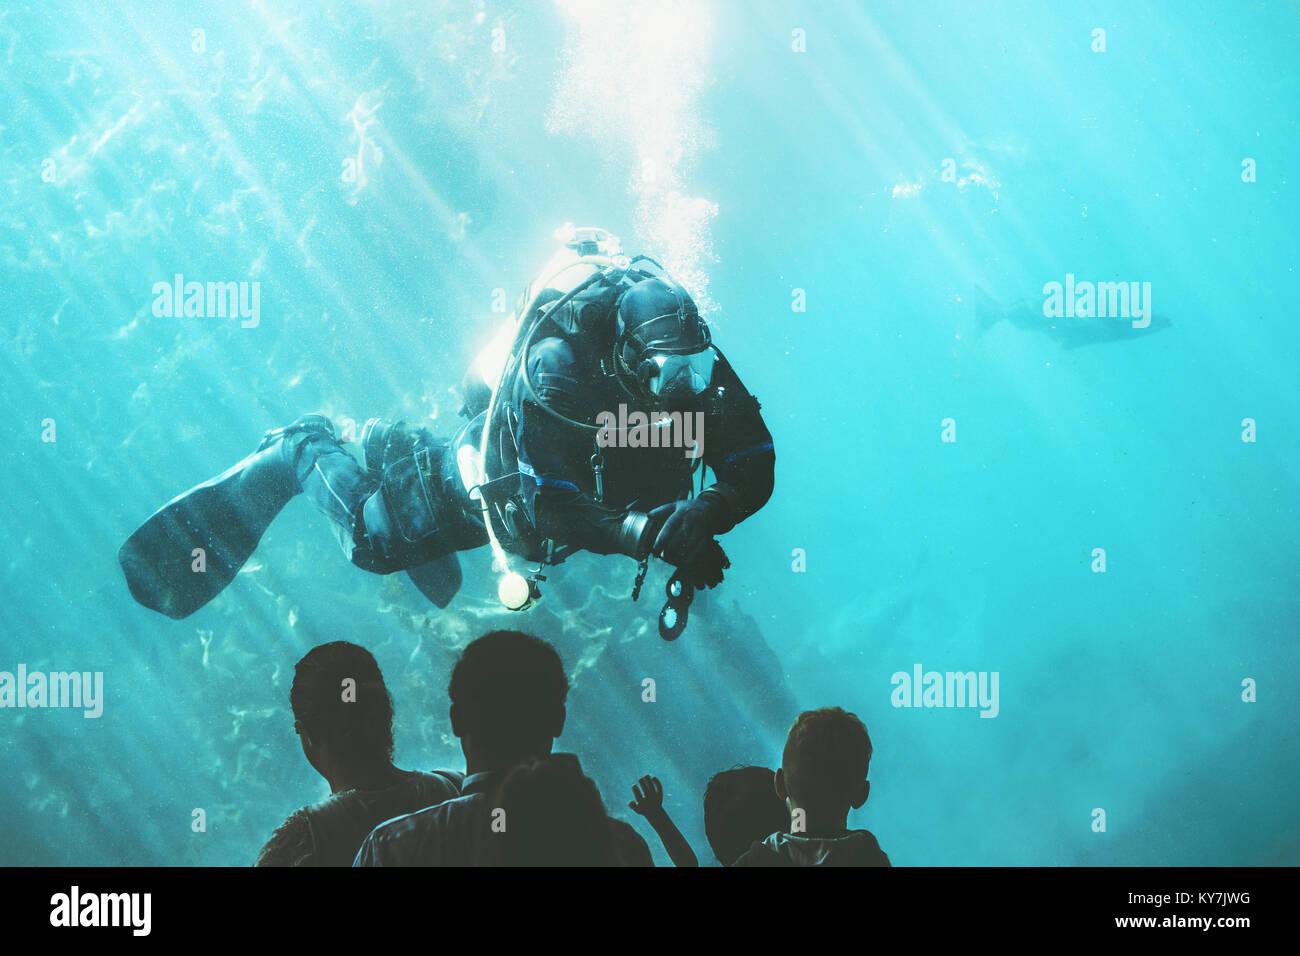 Sous-marin Plongeur dans l'aquarium poisson divertissement attraction touristique personnes méconnaissables Banque D'Images